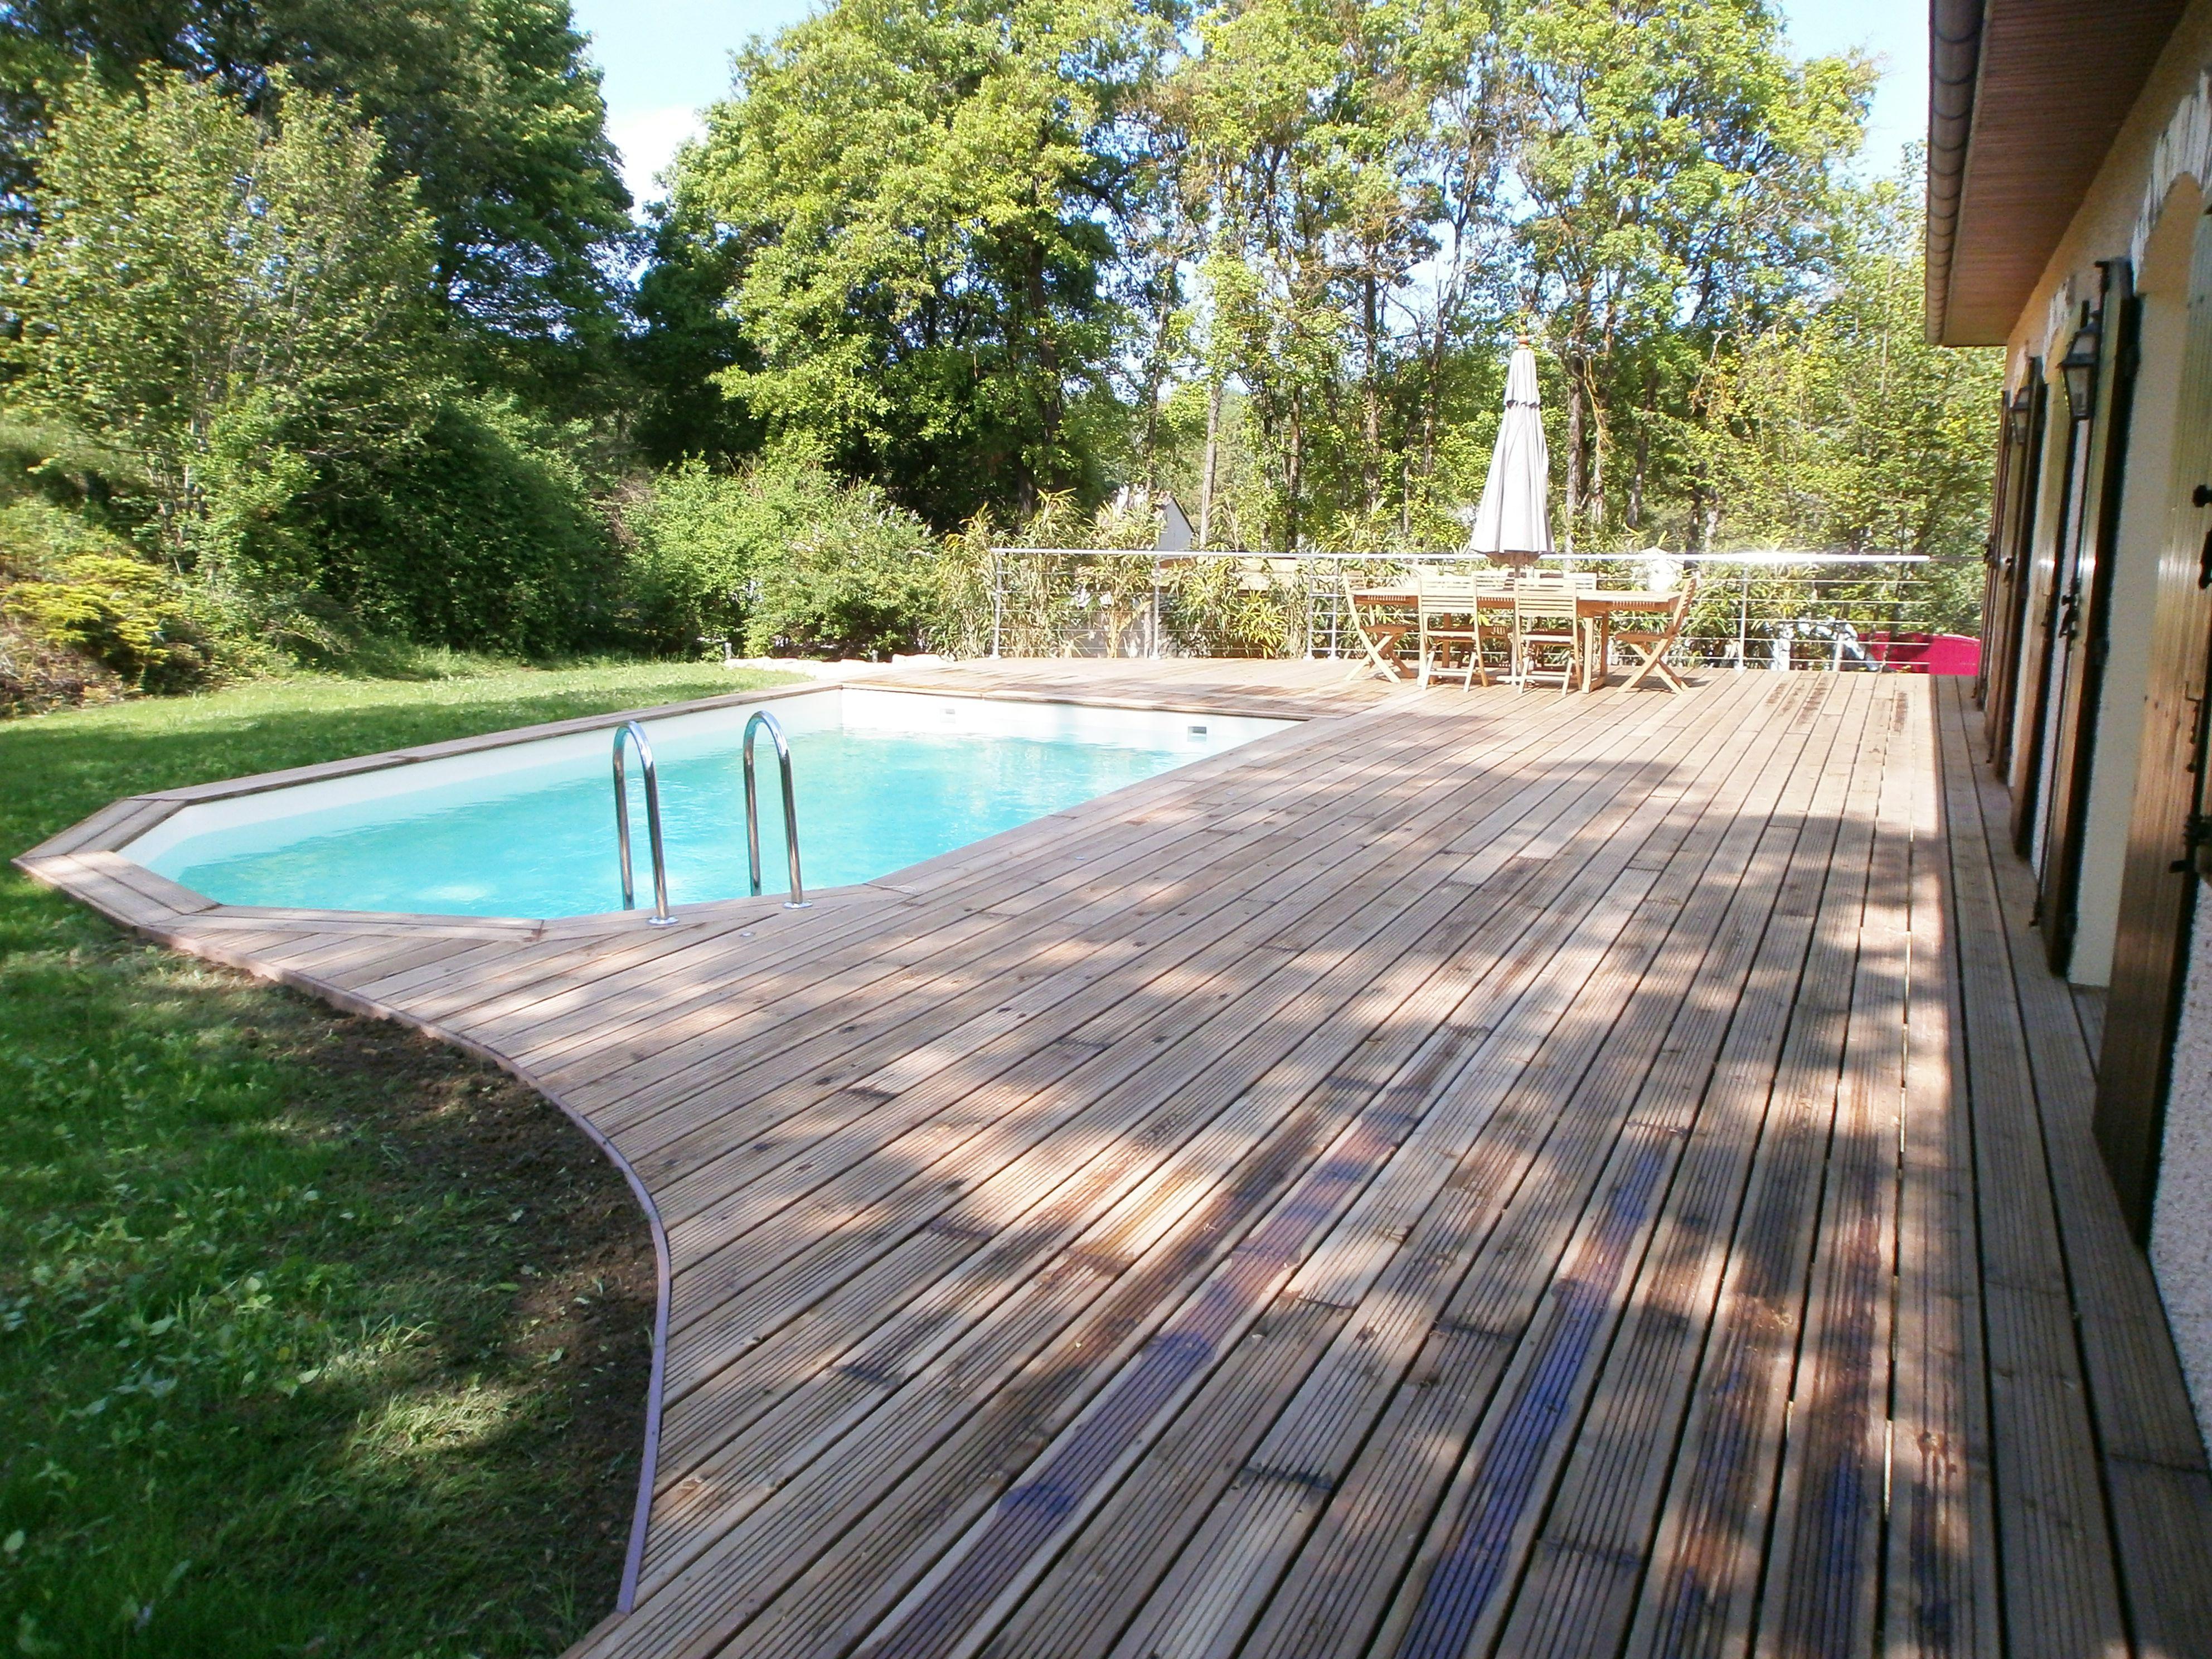 Magnifique piscine intégrée dans la terrasse #piscine #terrasse ...